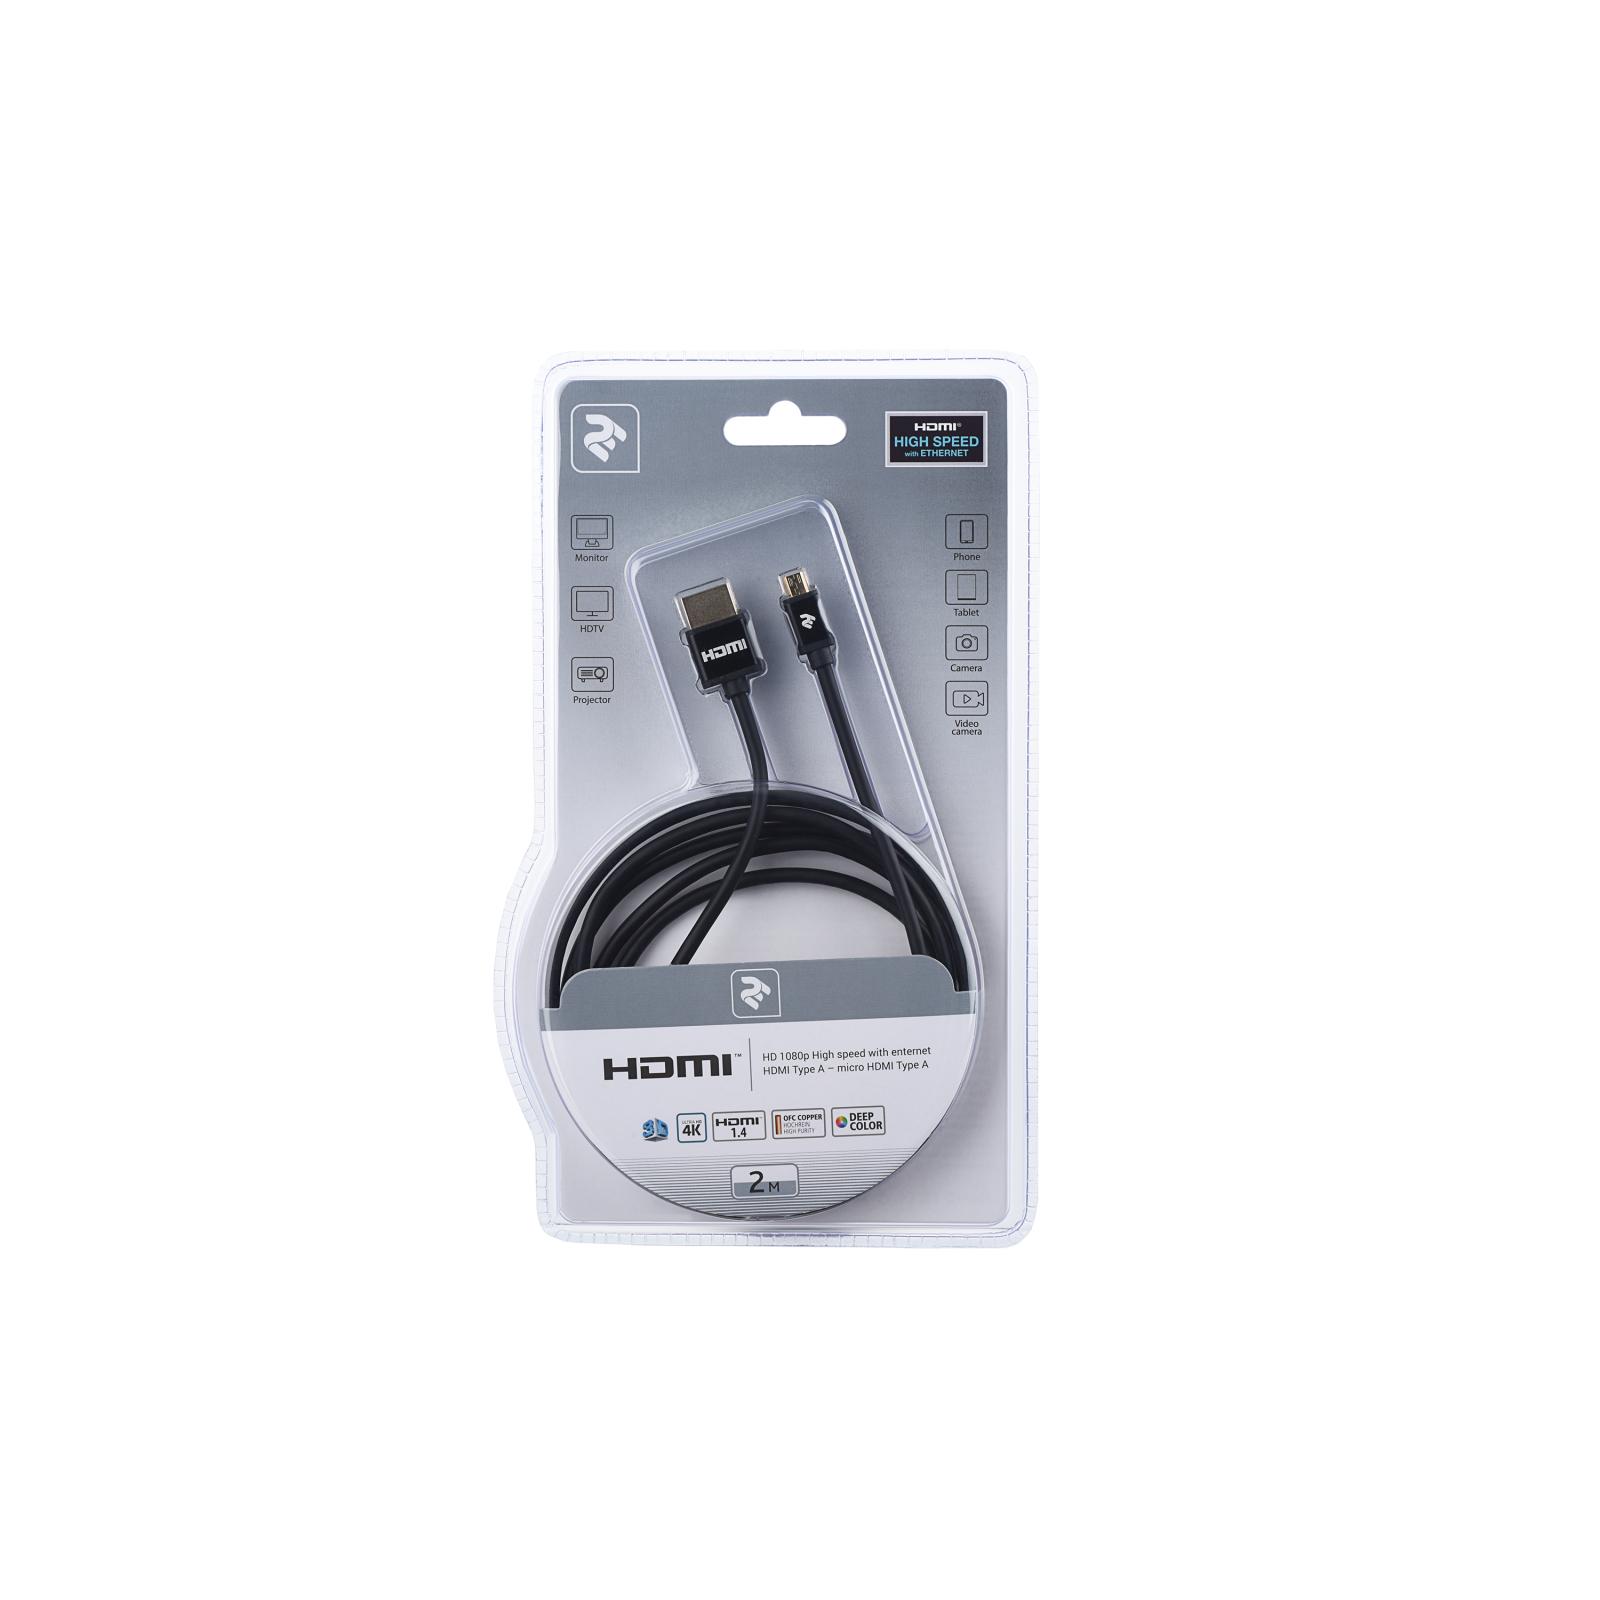 Кабель мультимедийный HDMI to micro HDMI 2.0m 2E (2EW-1121-2m) изображение 3